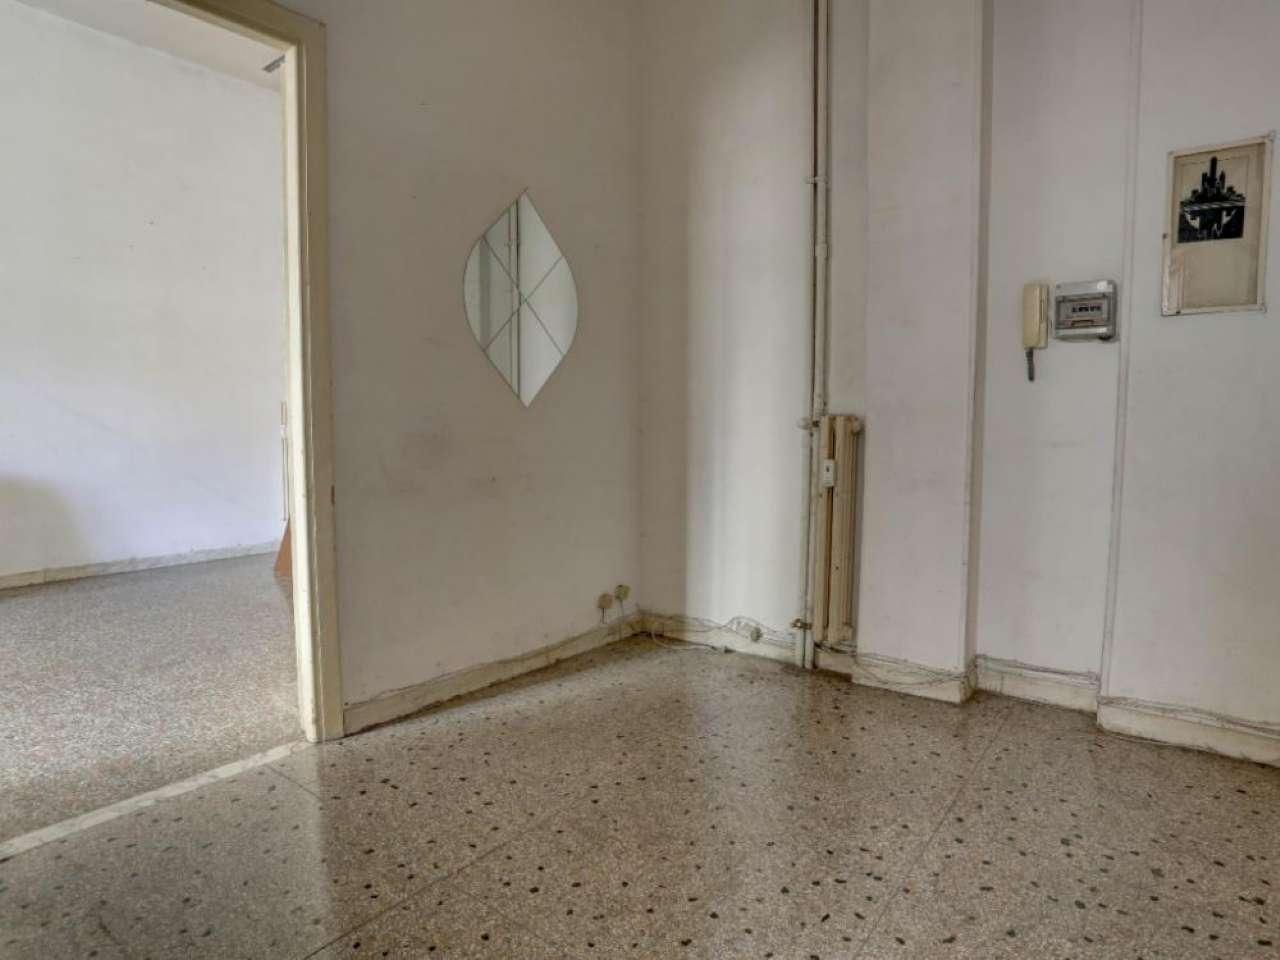 Appartamento in vendita a Roma, 2 locali, zona Zona: 24 . Gianicolense - Colli Portuensi - Monteverde, prezzo € 220.000   CambioCasa.it